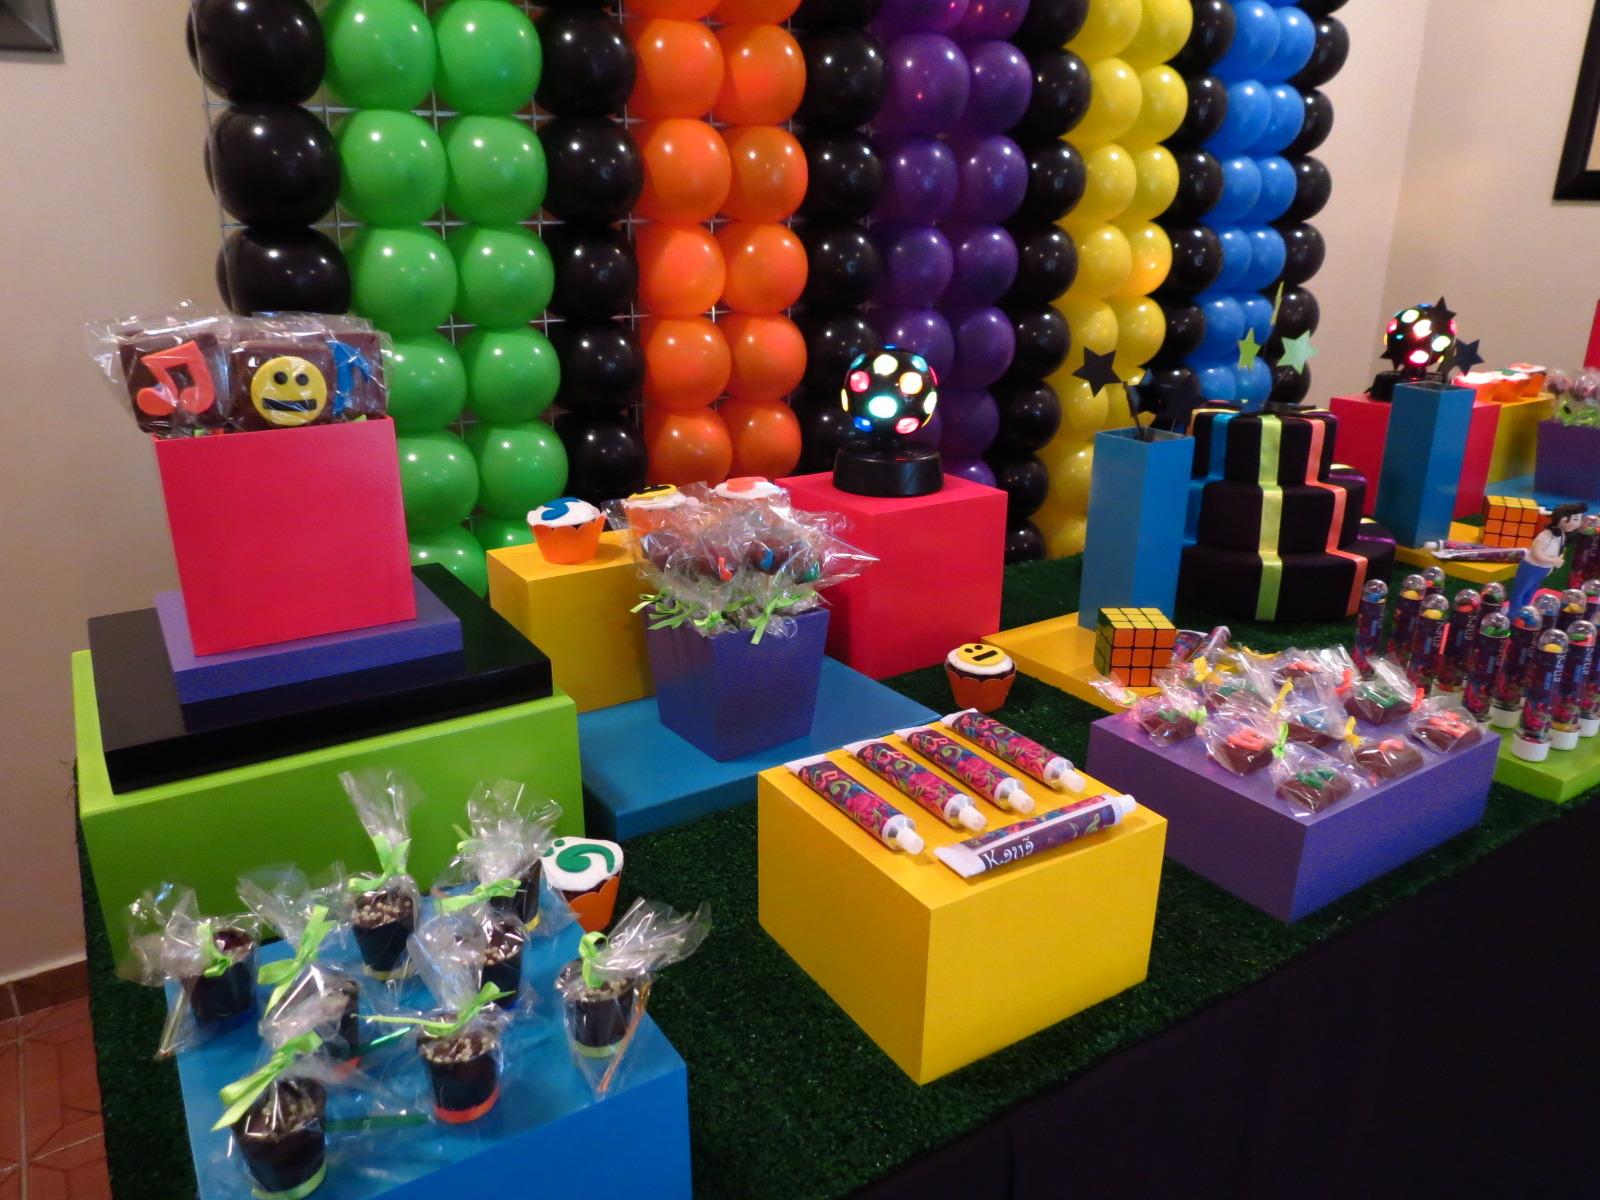 decoracao festa balada infantil:Decoração Balada Teen Decoração Balada Teen Decoração Balada